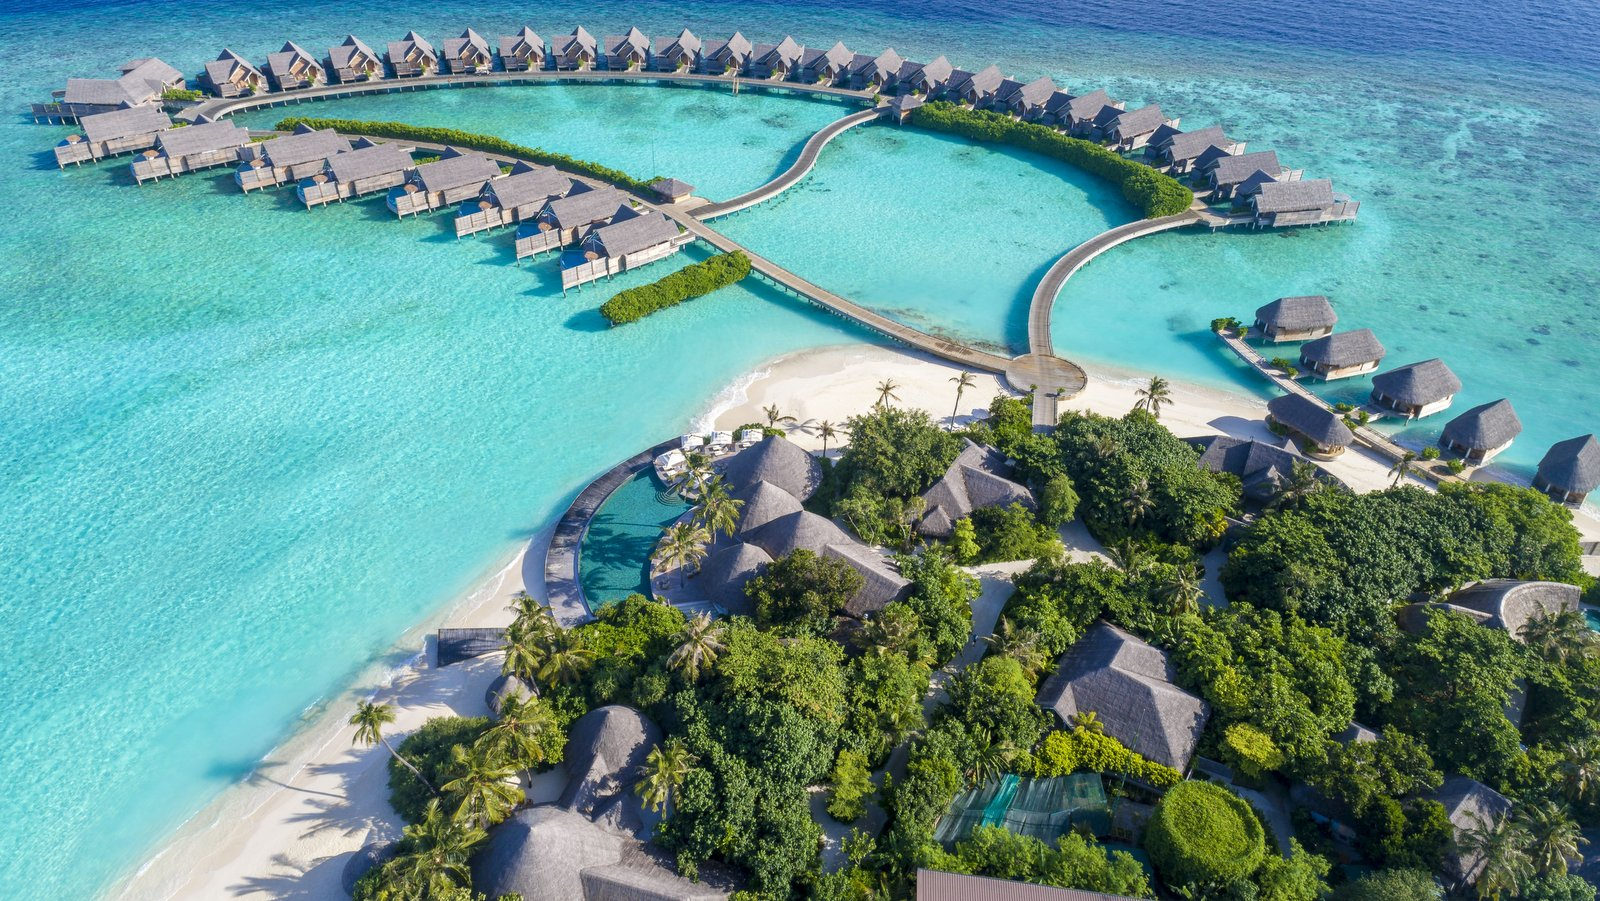 Мальдивы, отель Milaidhoo Island Maldives